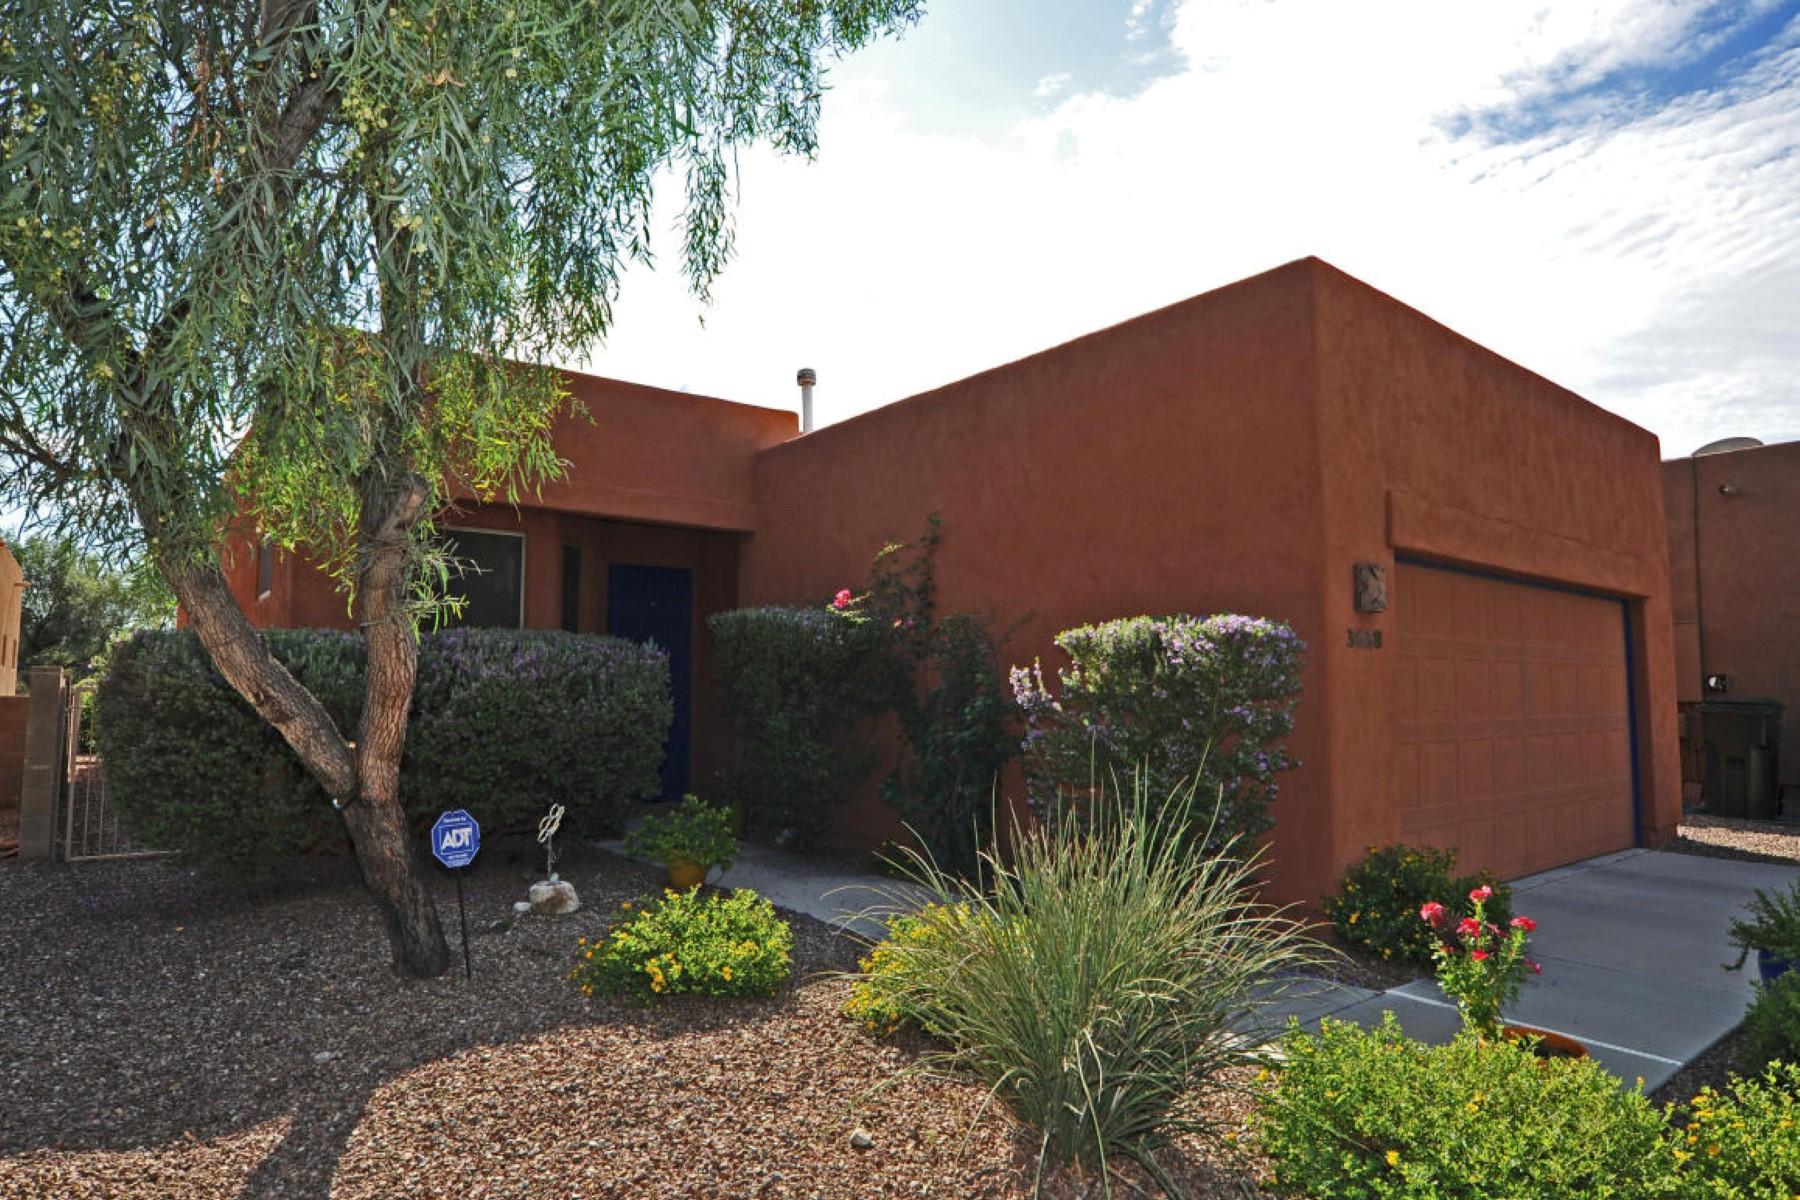 Maison unifamiliale pour l Vente à Rarely available in centrally located, gated Lanterra community 3638 N Sunterra Court Tucson, Arizona 85719 États-Unis